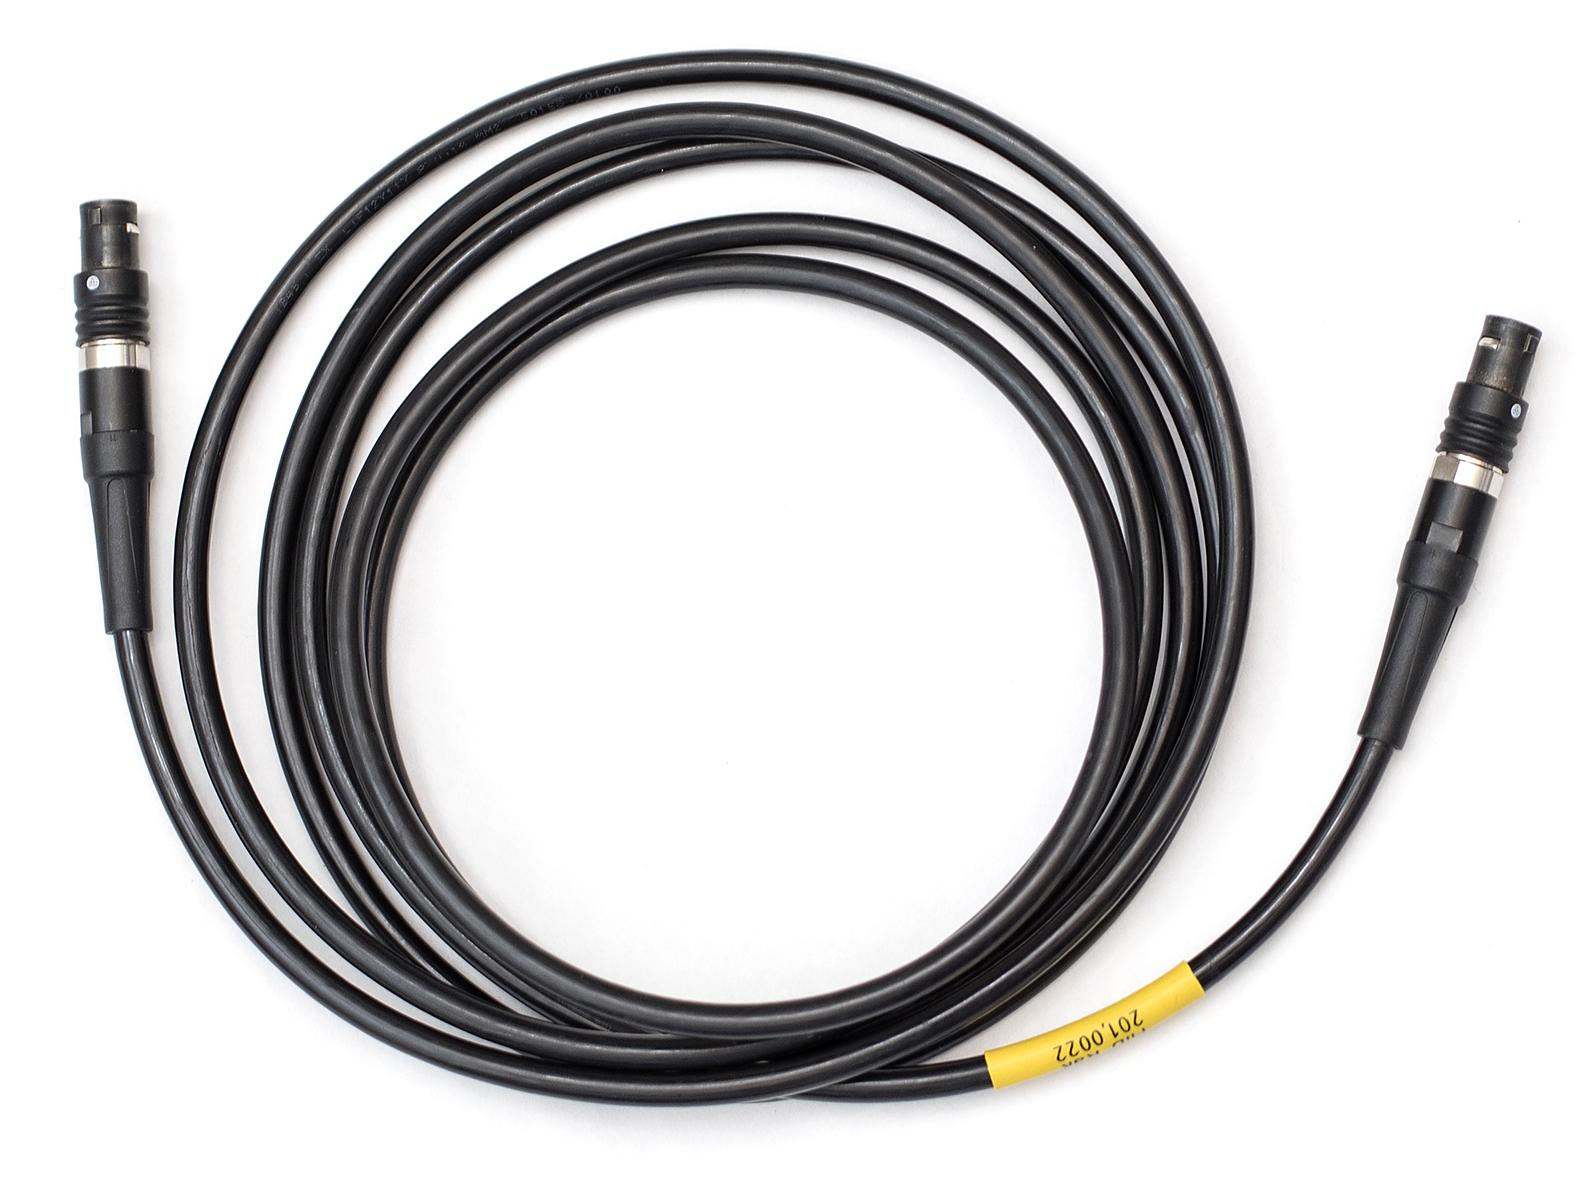 Rak kabel till MID-laser 2,0